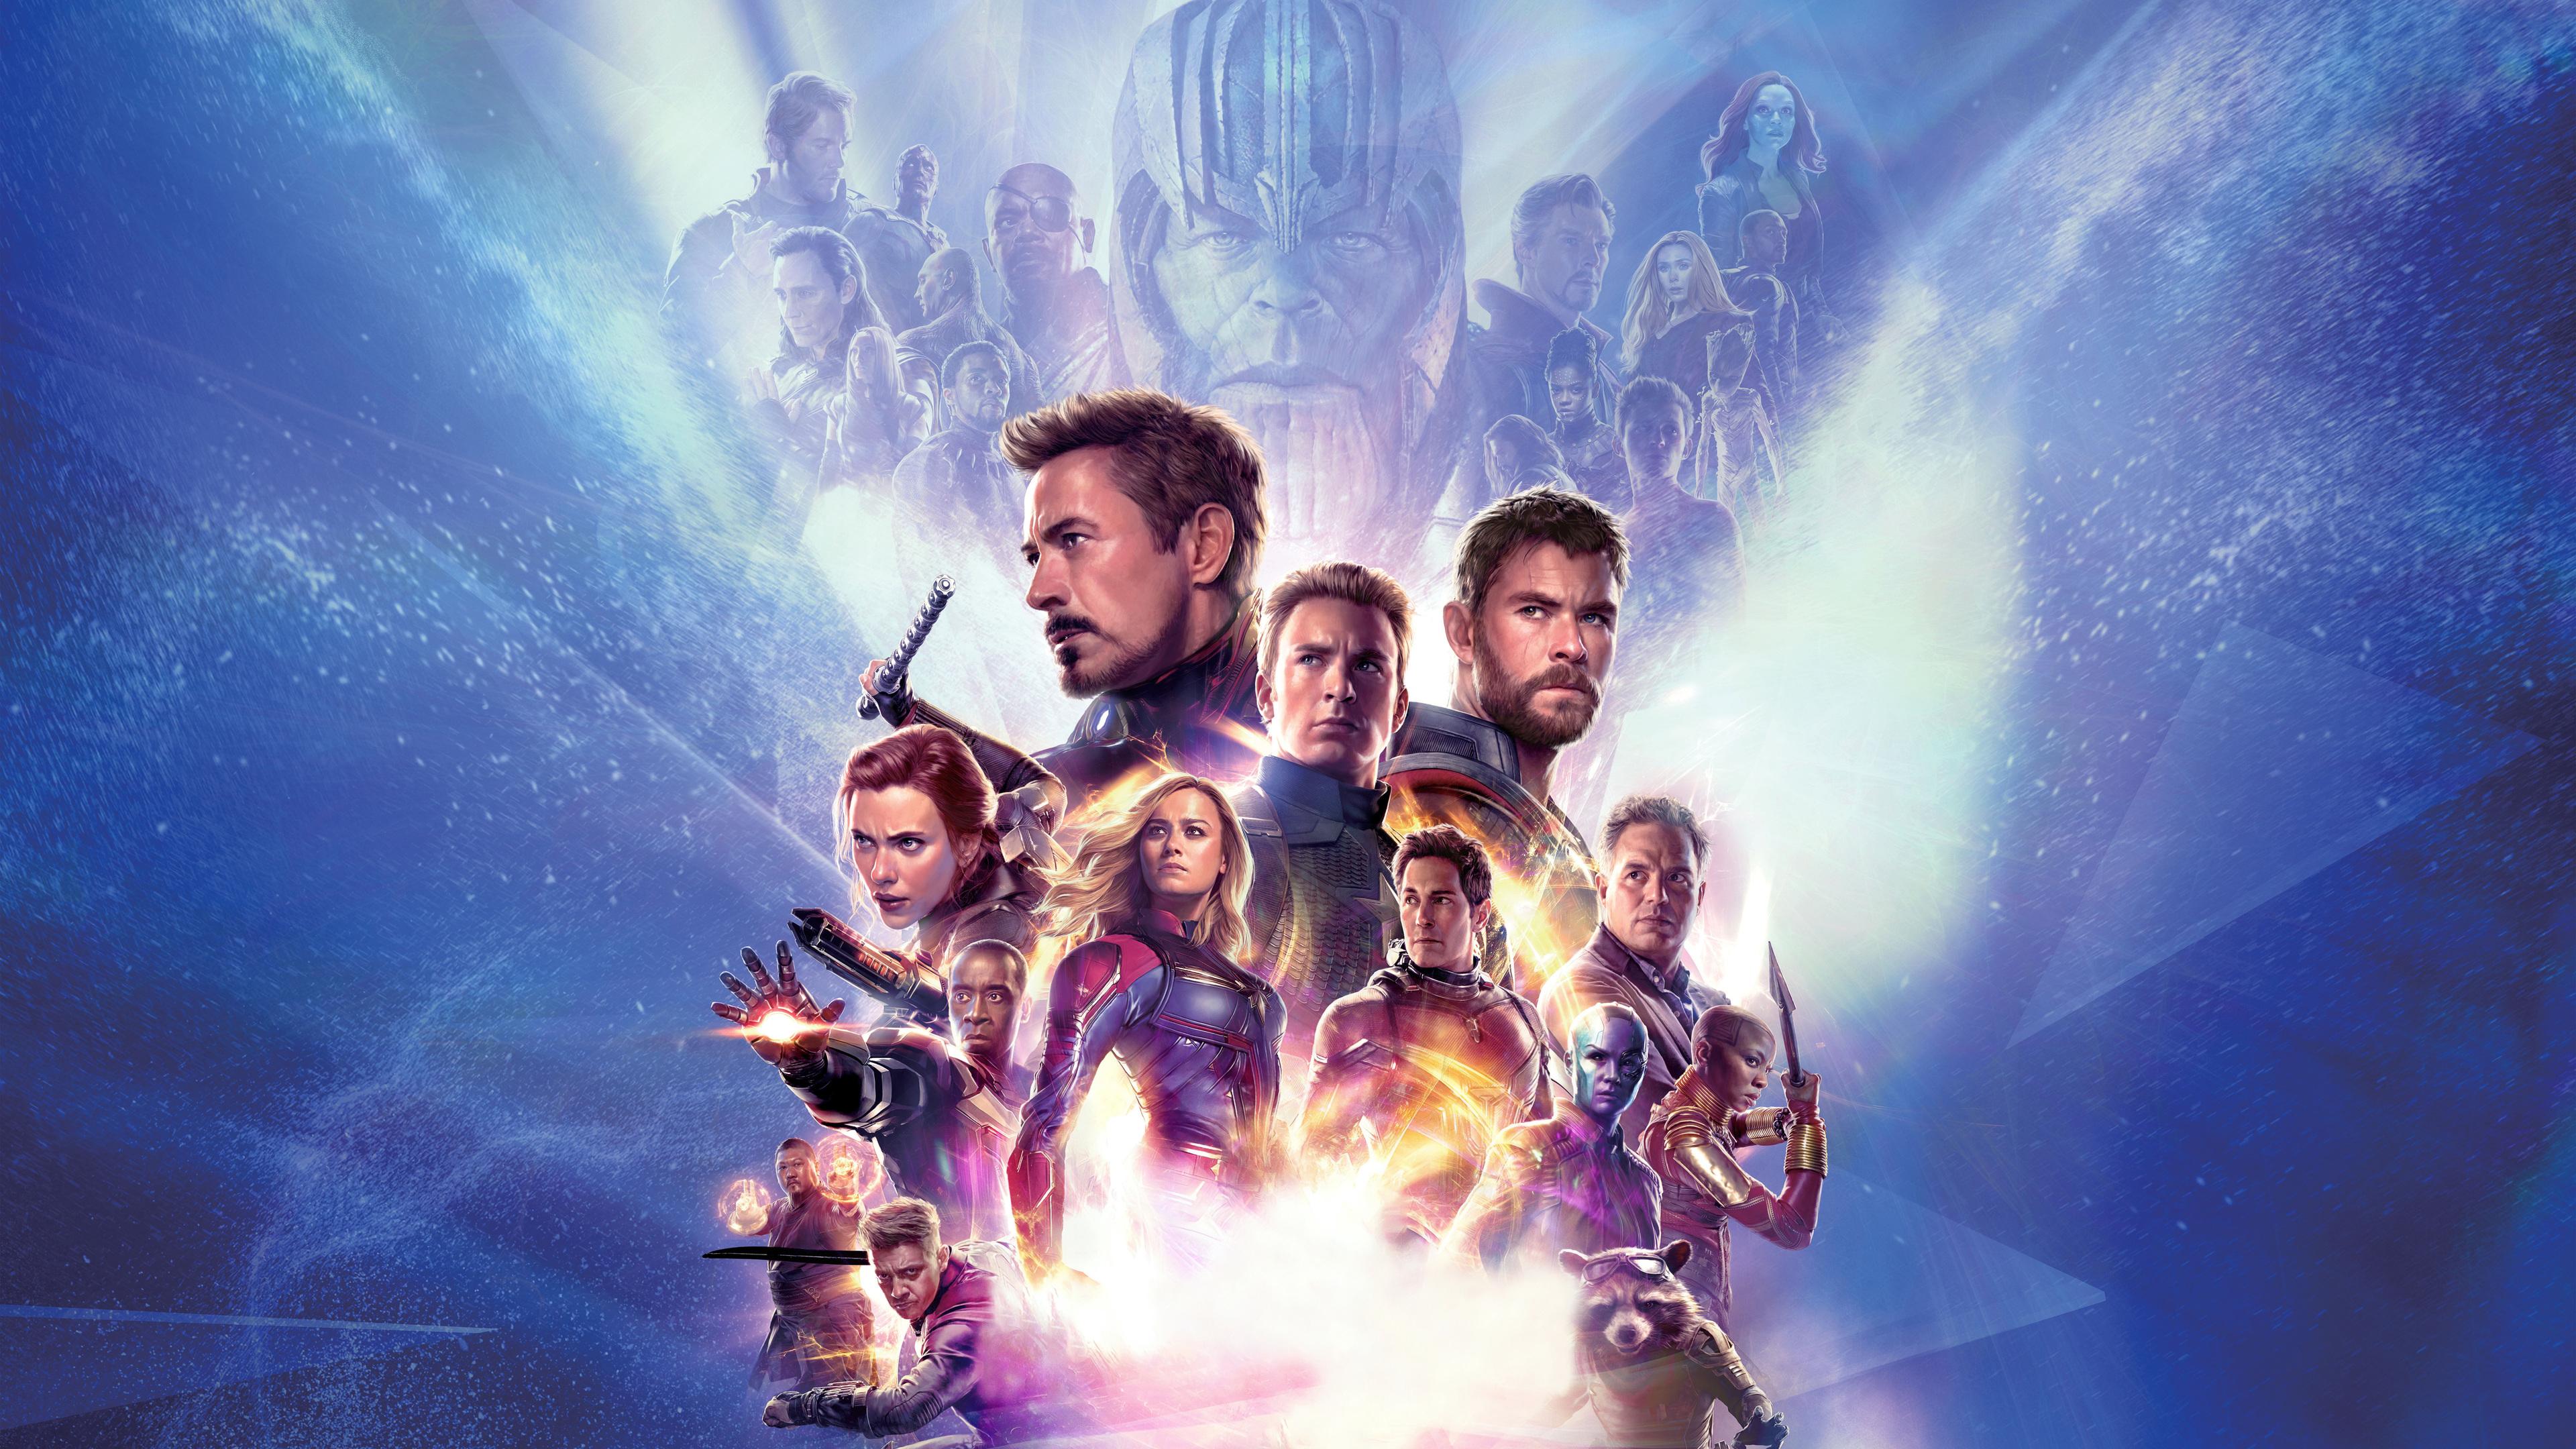 Wallpaper 4k Avengers Endgame 2019 4k 2019 Movies Wallpapers 4k Wallpapers Avengers Endgame Wallpapers Avengers Wallpapers Hd Wallpapers Movies Wallpapers